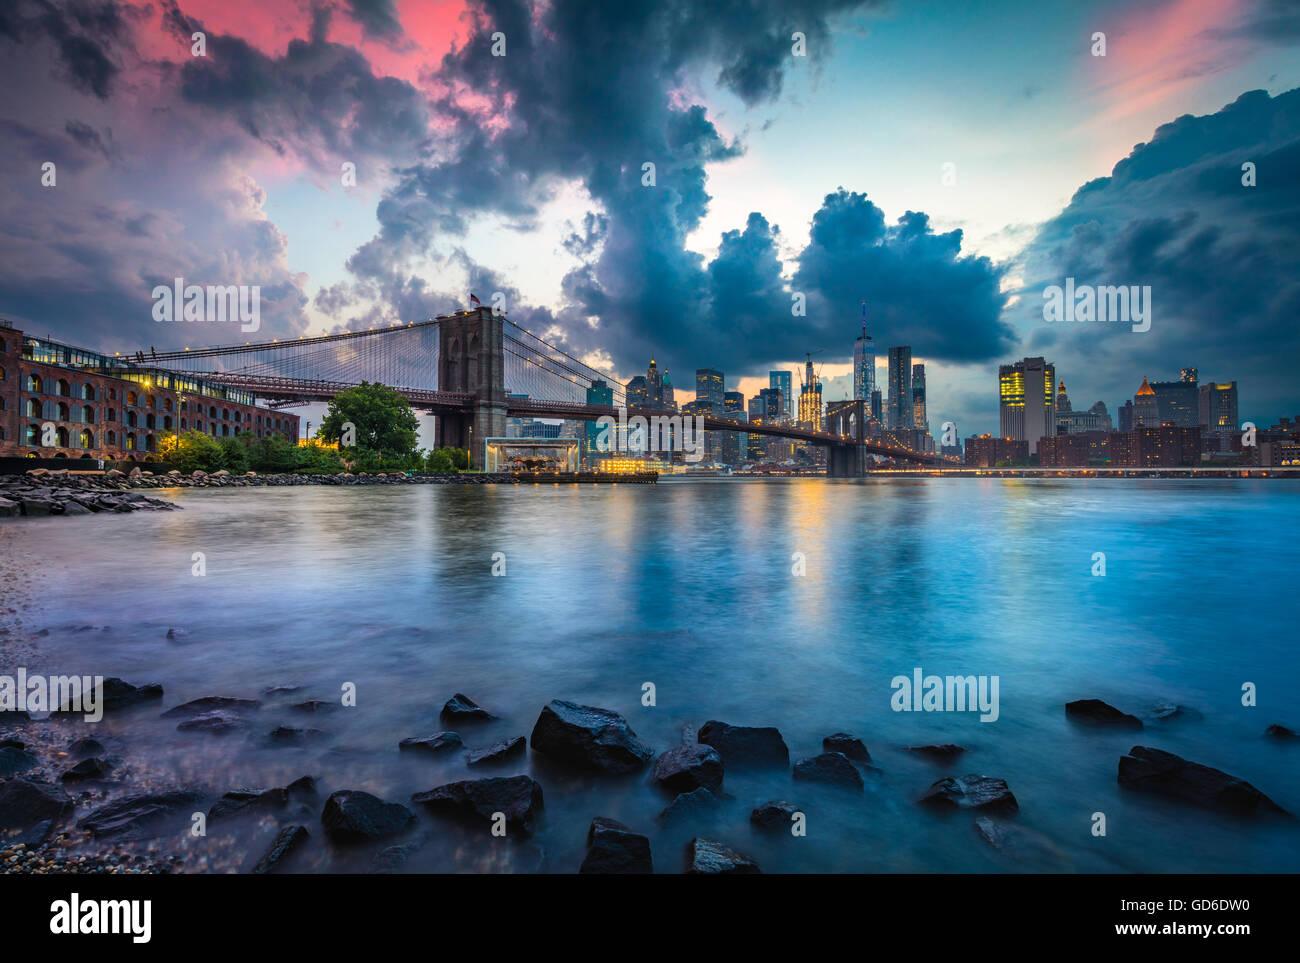 Die Brooklyn Bridge in New York City ist eine der ältesten Hängebrücken in den Vereinigten Staaten Stockbild